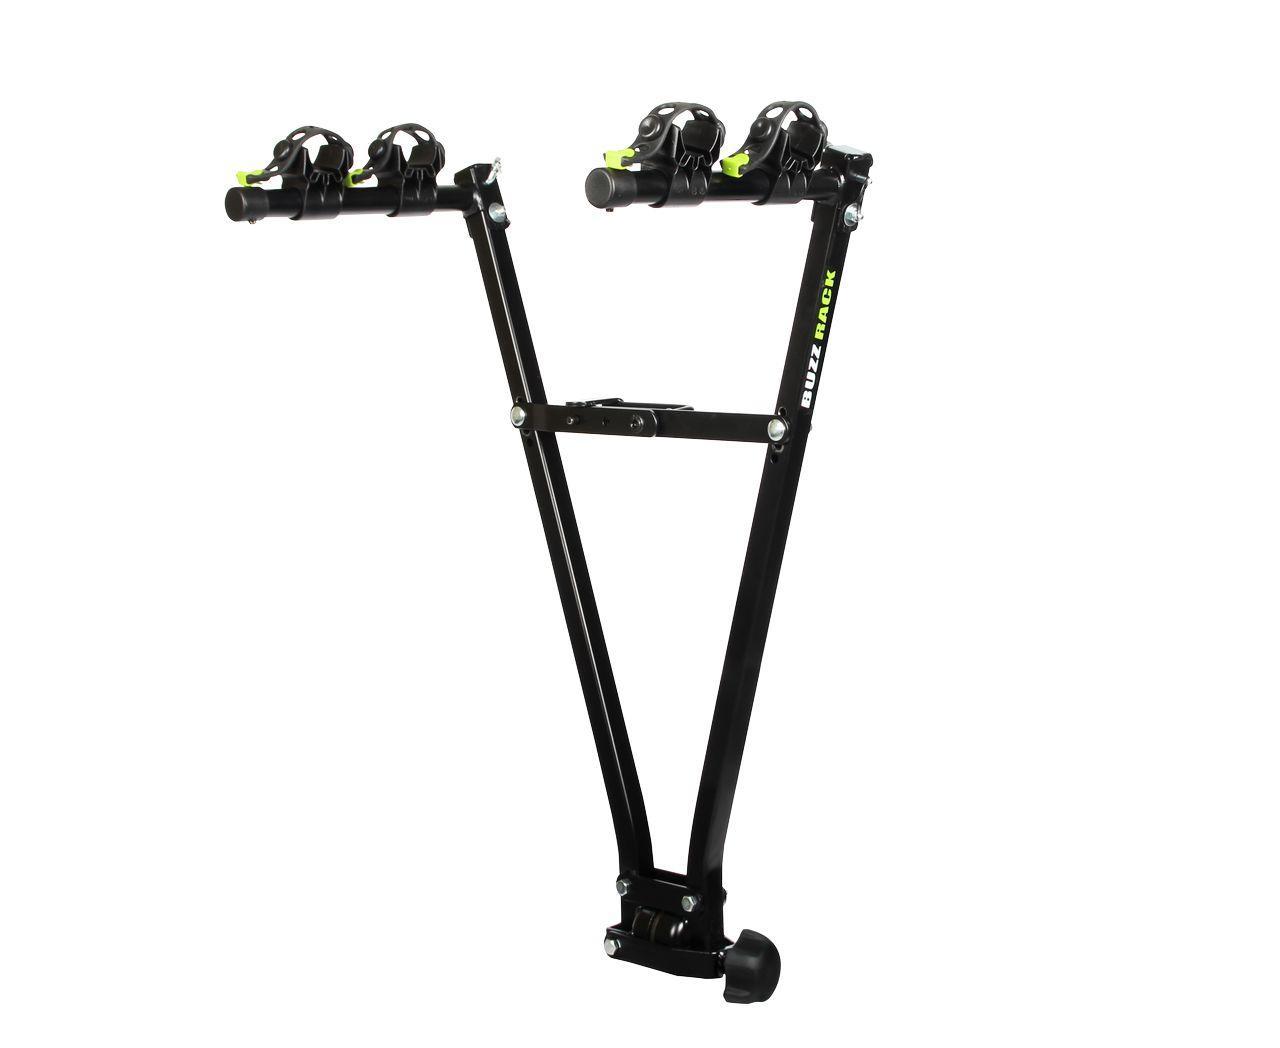 BUZZ RACK | Porta-bicicleta traseira 1002